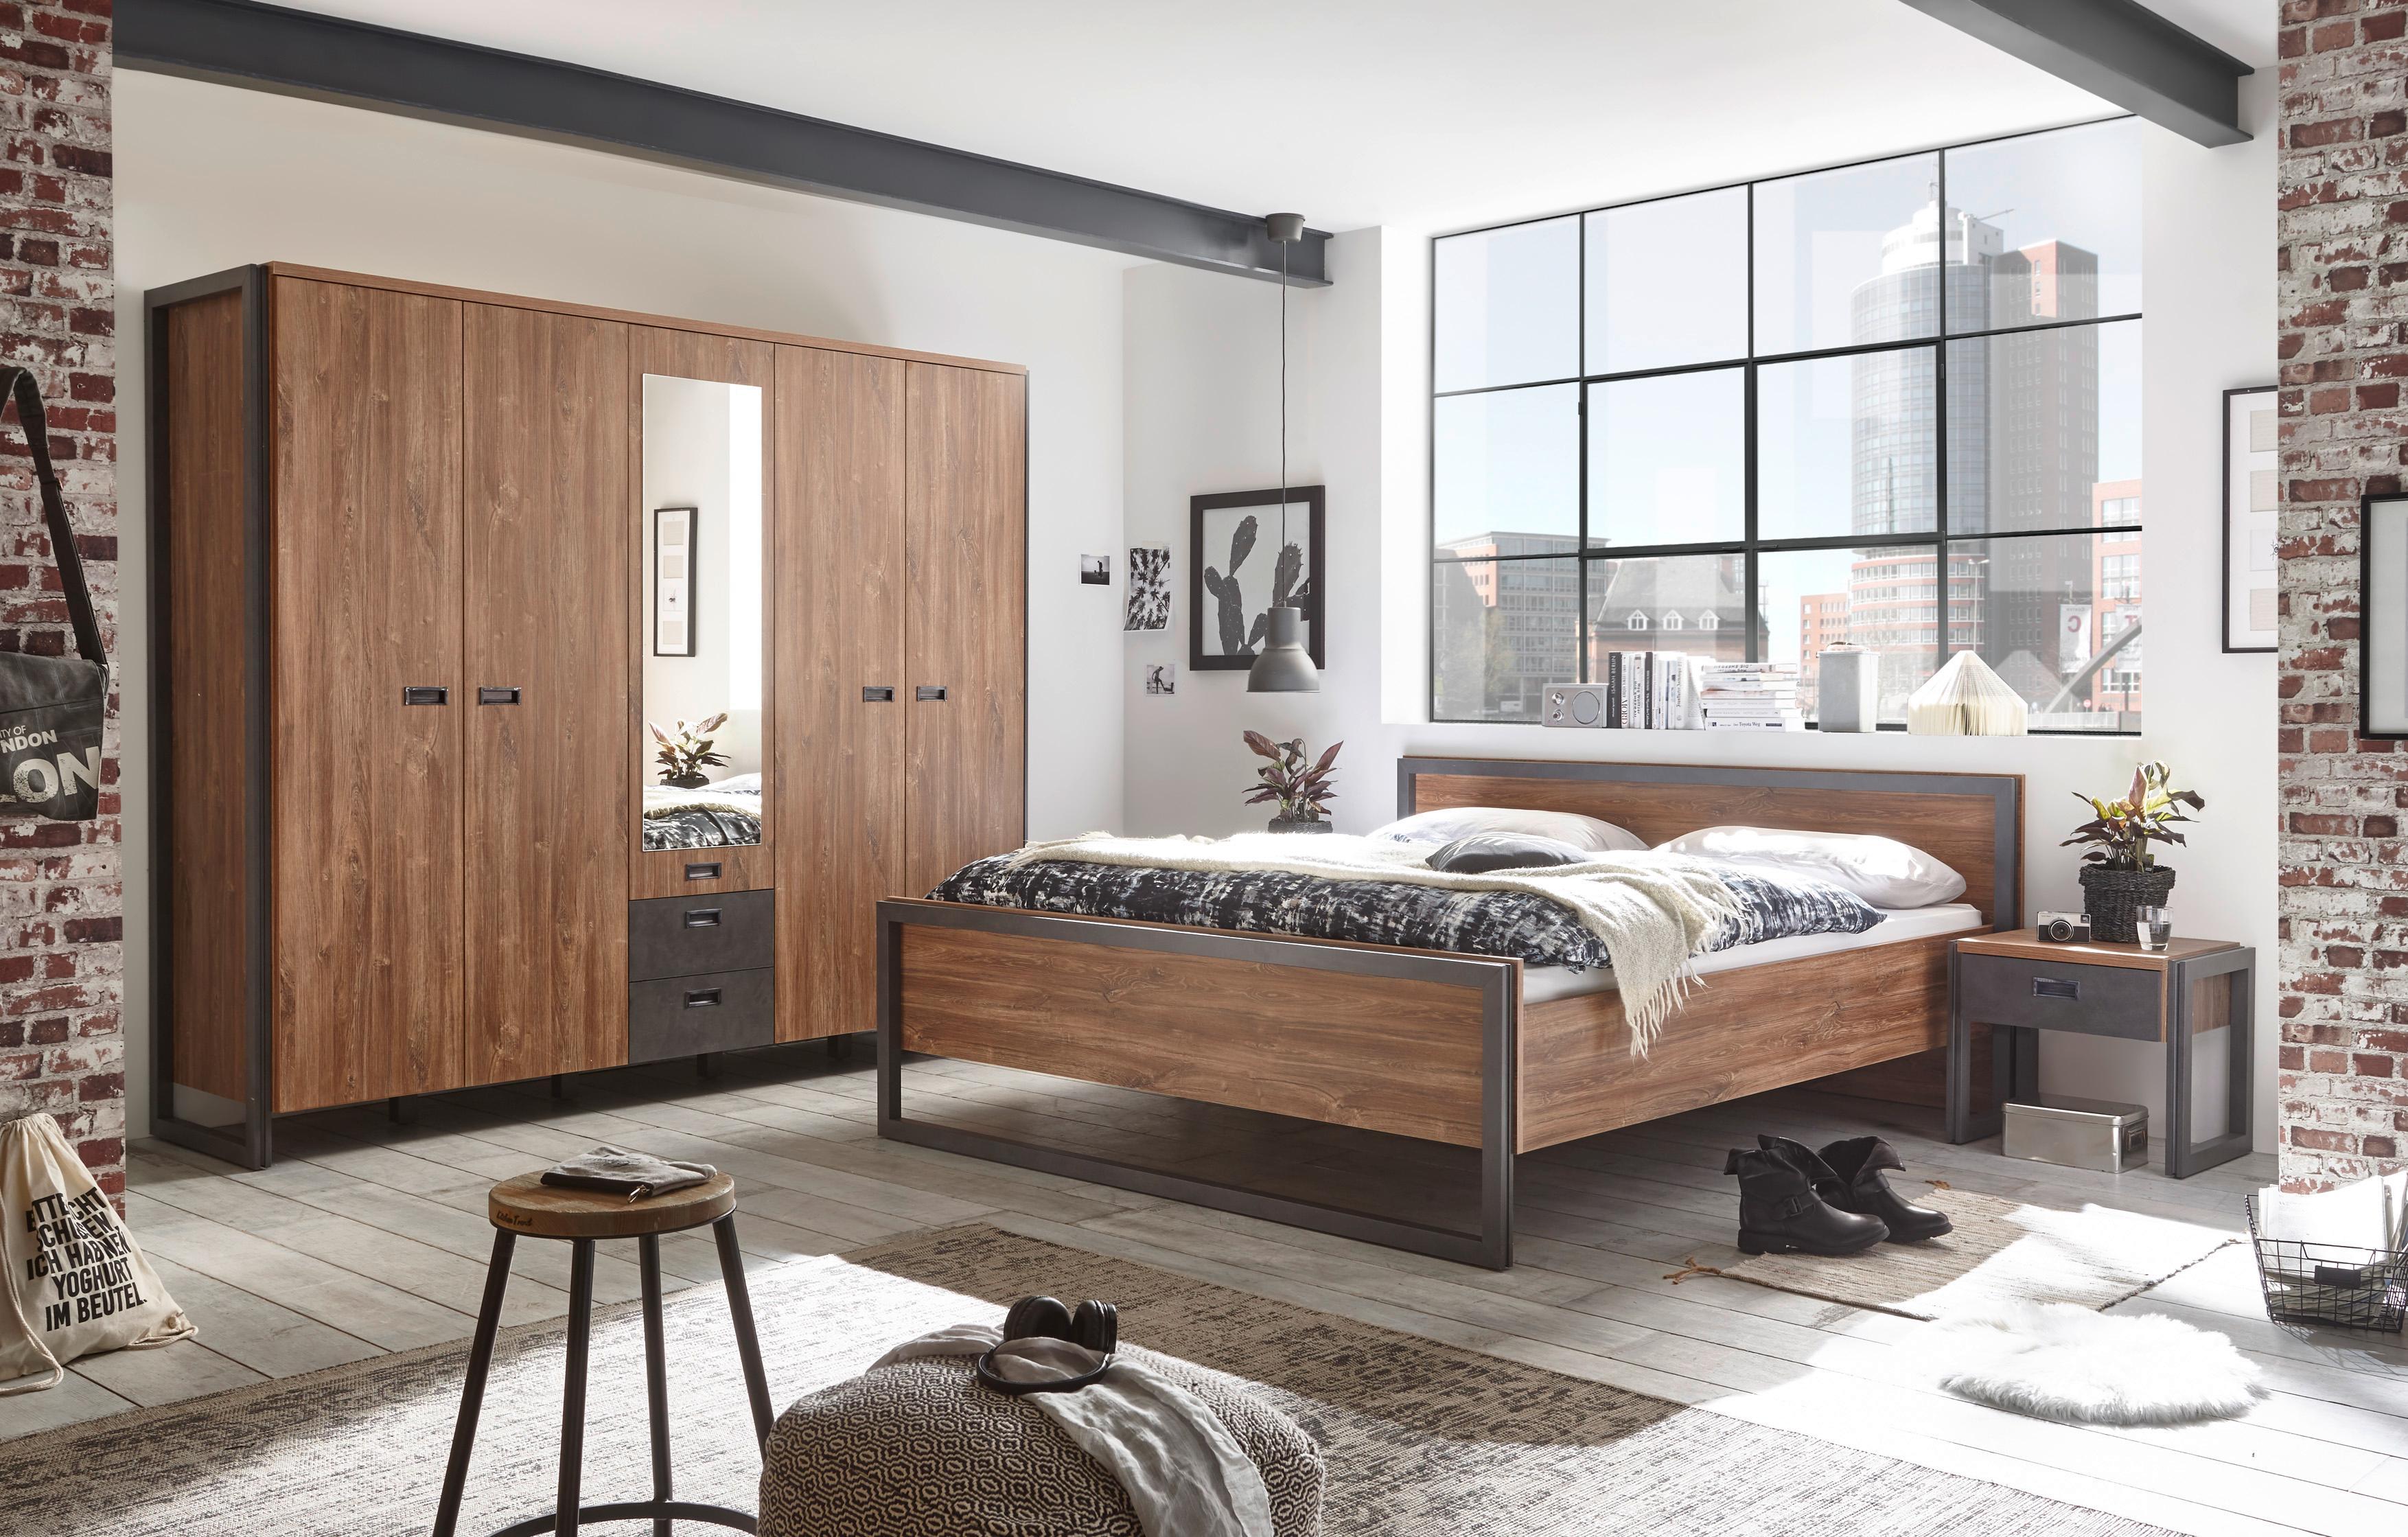 Home affaire Schlafzimmer-Set »Detroit« (4-tlg.) bestellen | BAUR